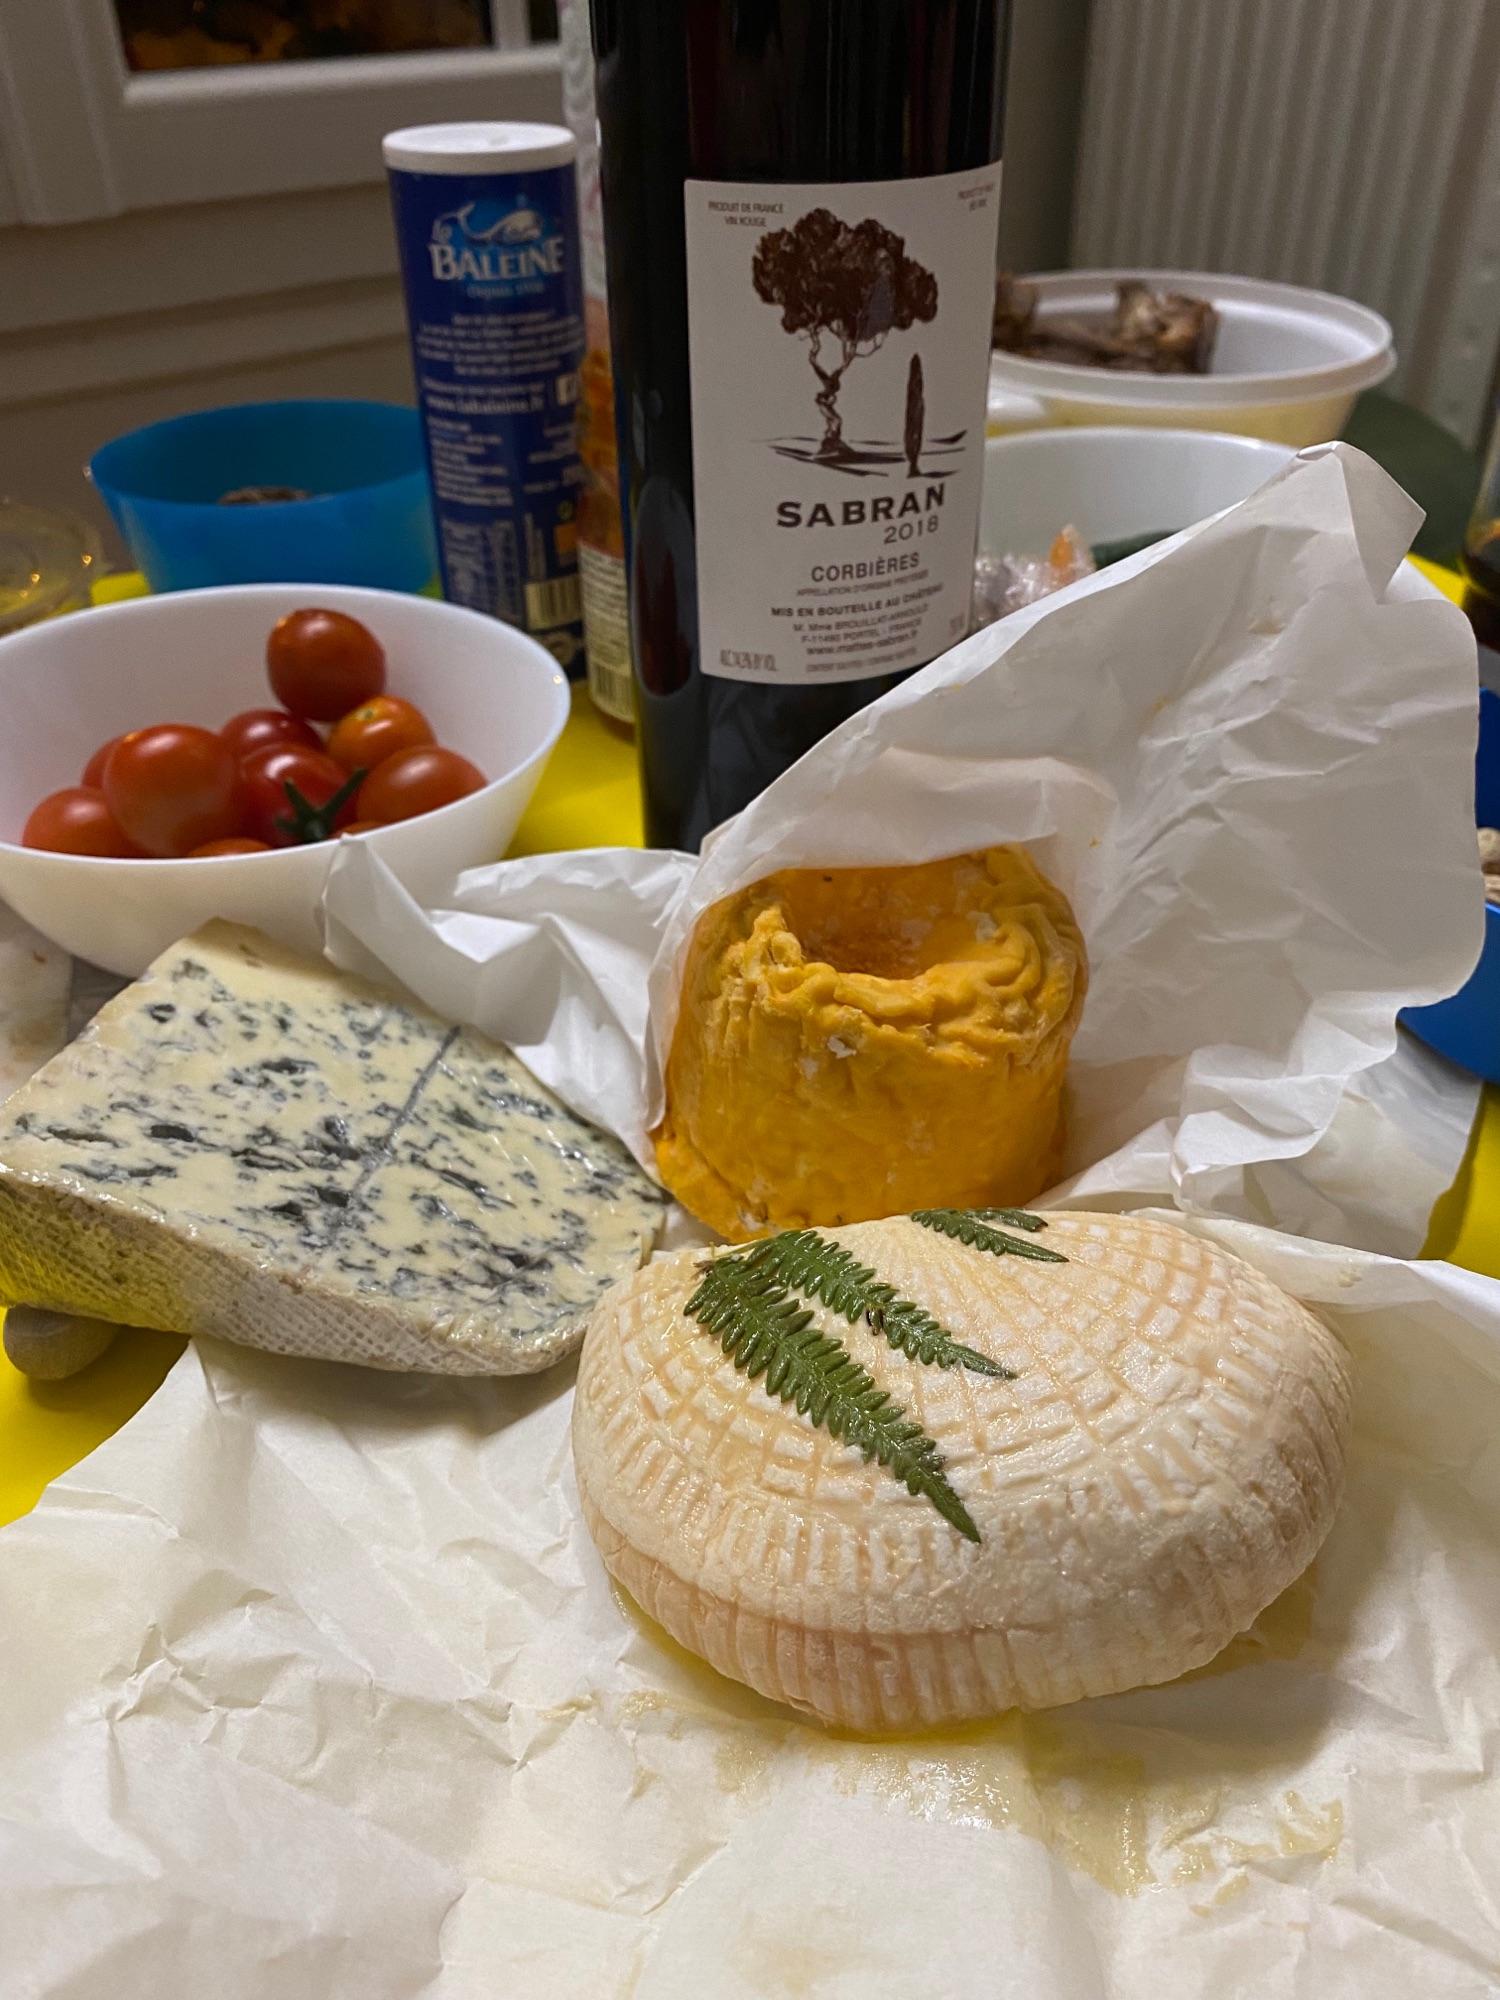 Сыр с фермы пахнет убийственно, хочется уйти и вымыть ноги.